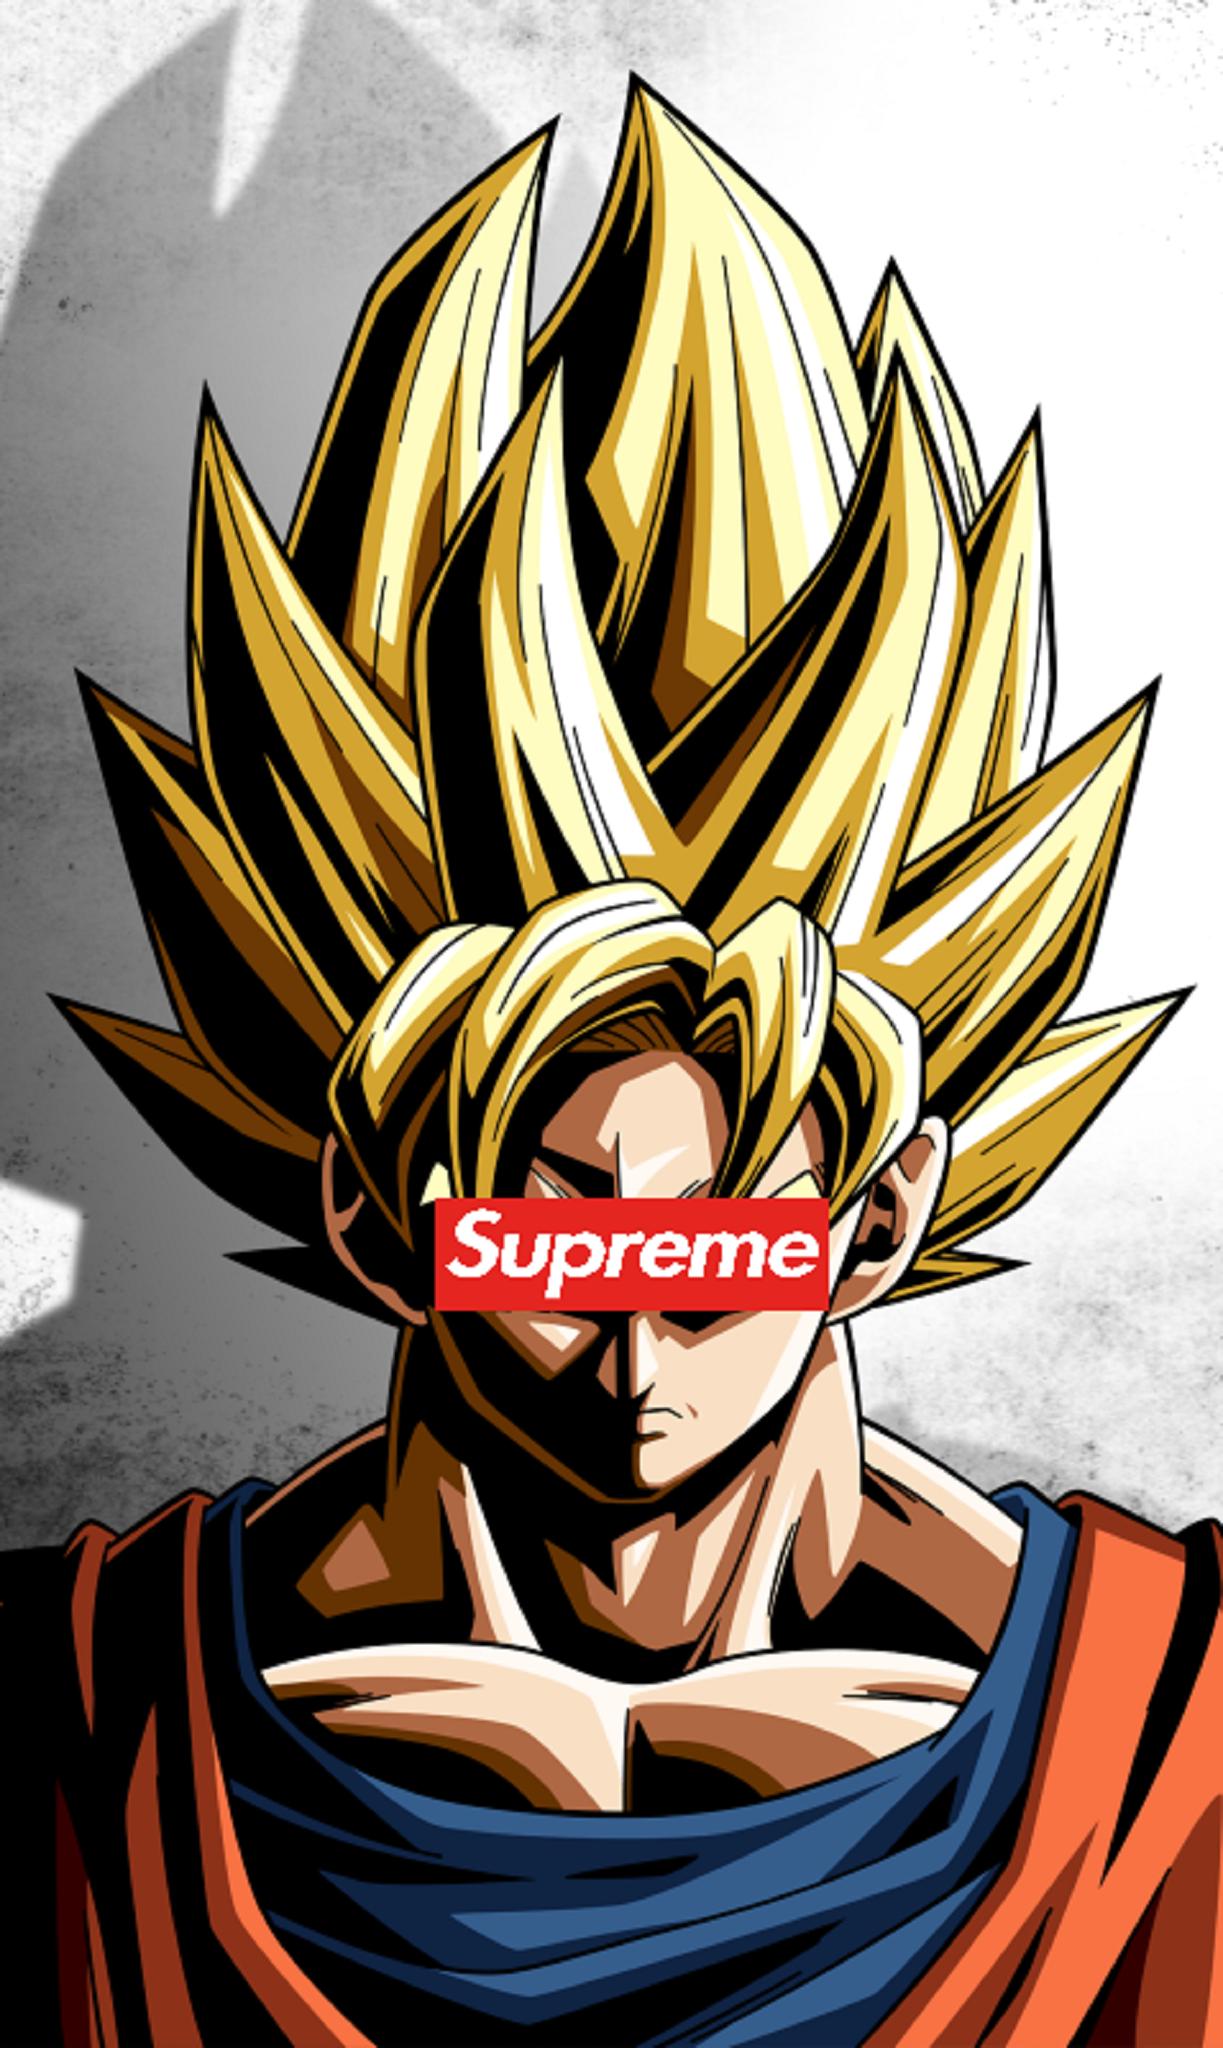 Son Goku Supreme Dragon Ball Xenoverse Wallpaper For Iphone